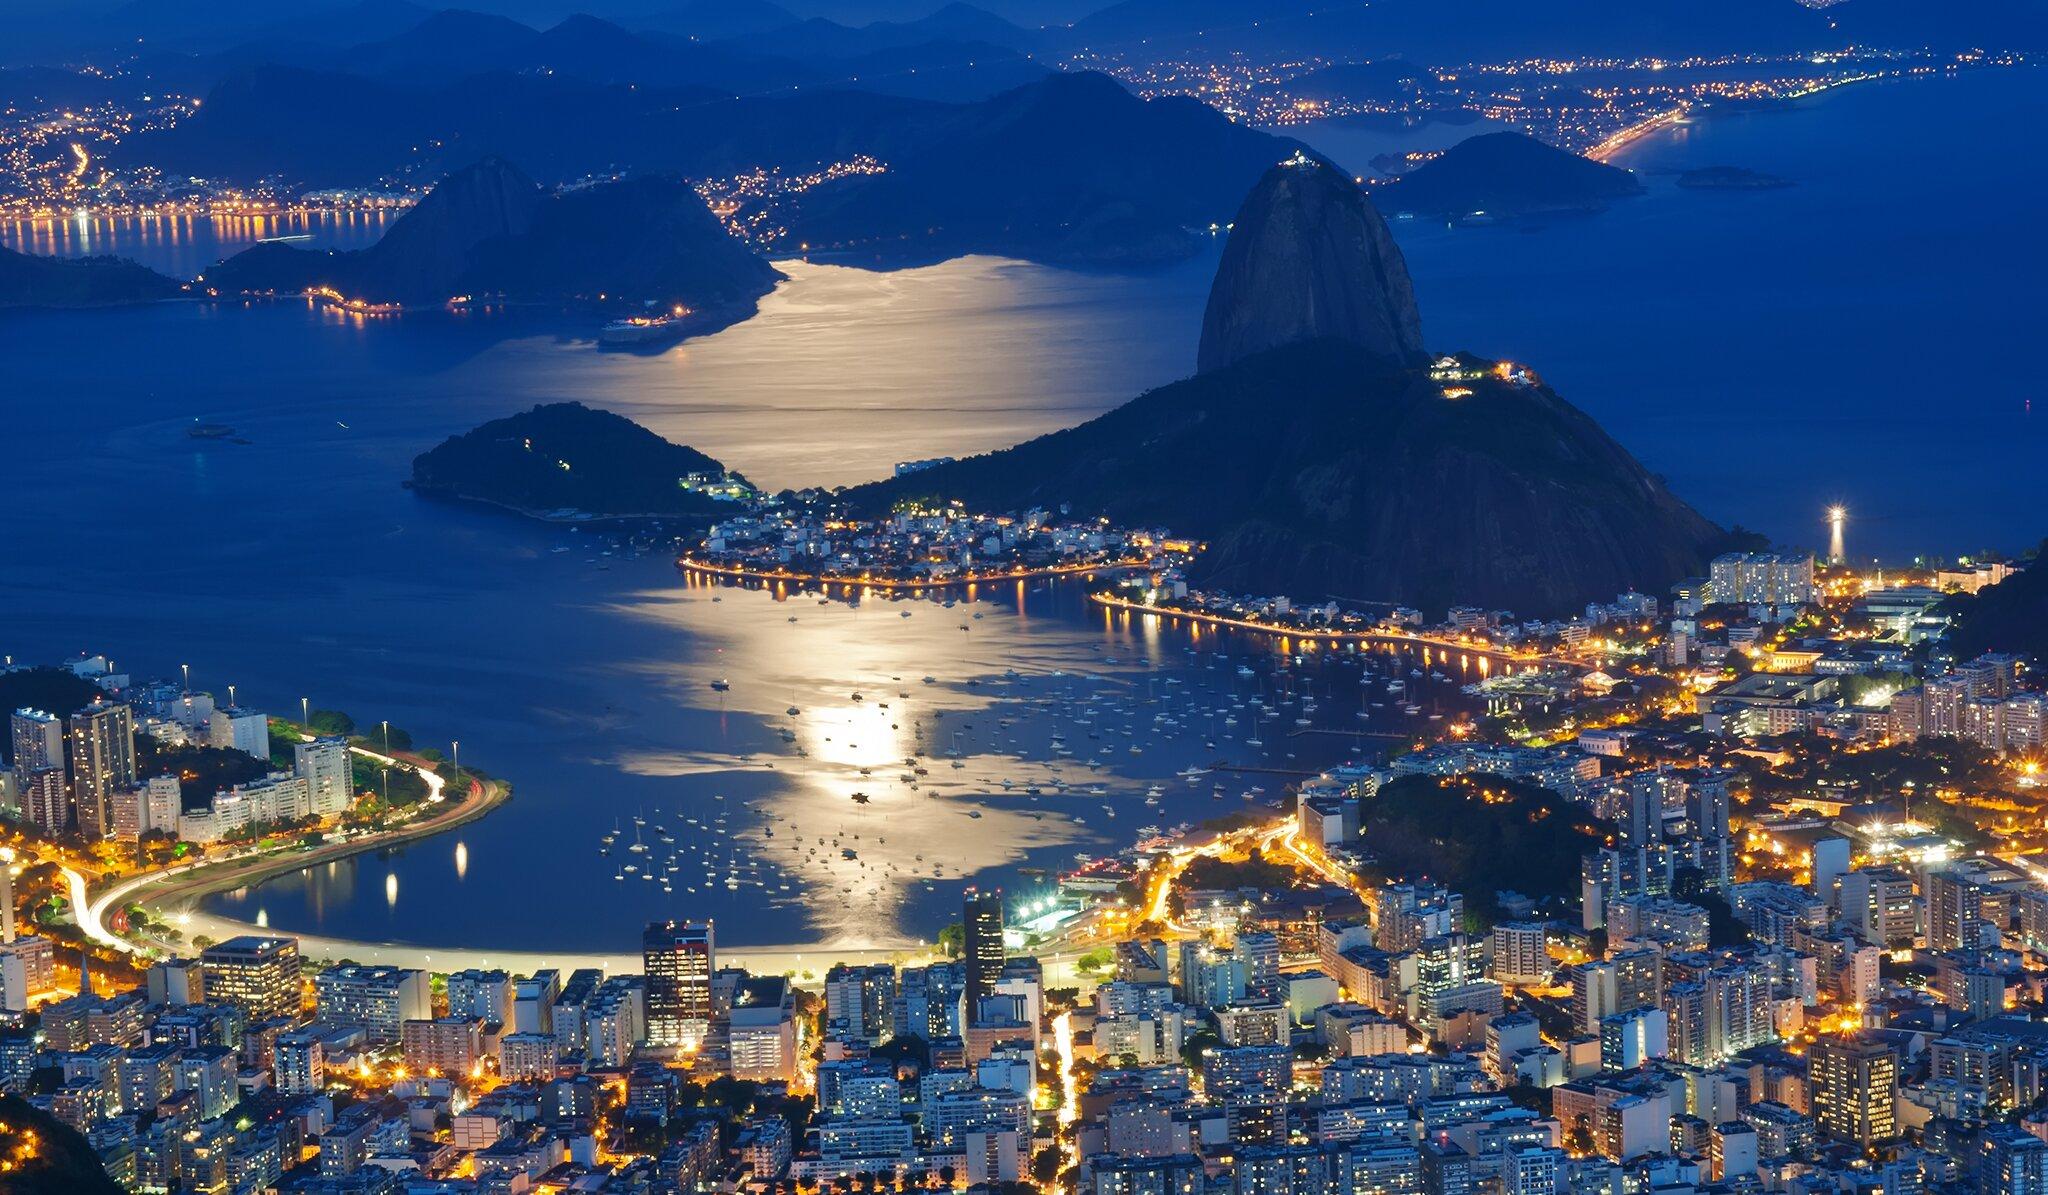 brazil_rio_ejszaka_magasbol_asztakurva_twitter.jpeg